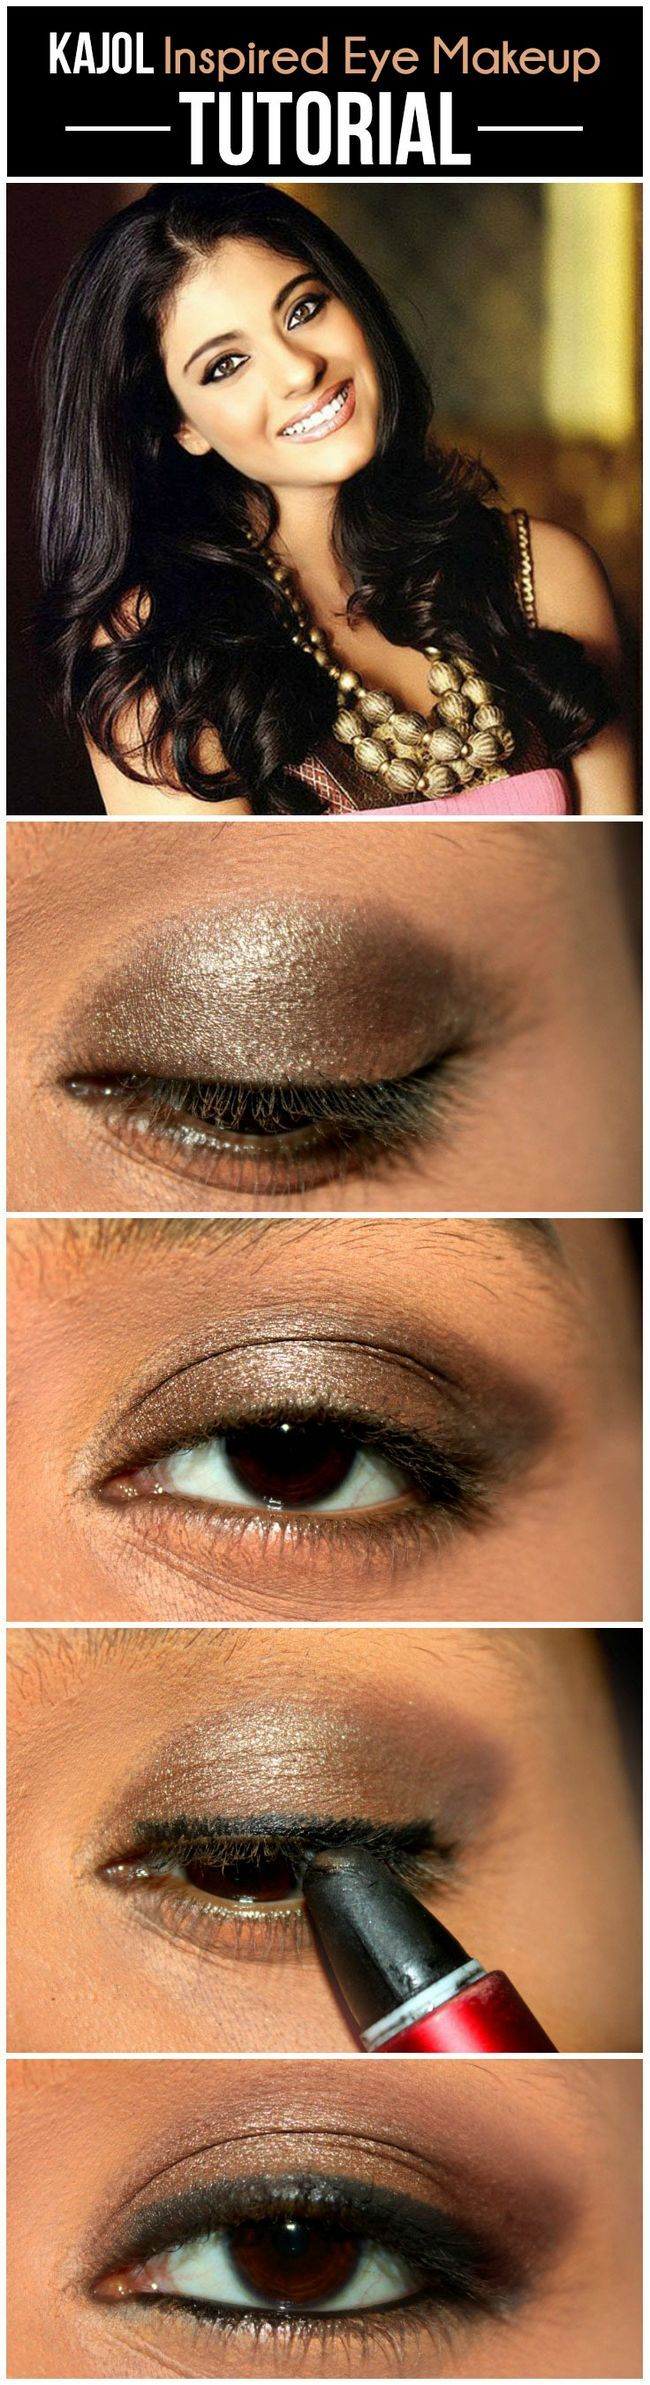 Kajol inspiriert Augen Make-up - Tutorial mit detaillierten Schritte und Bilder